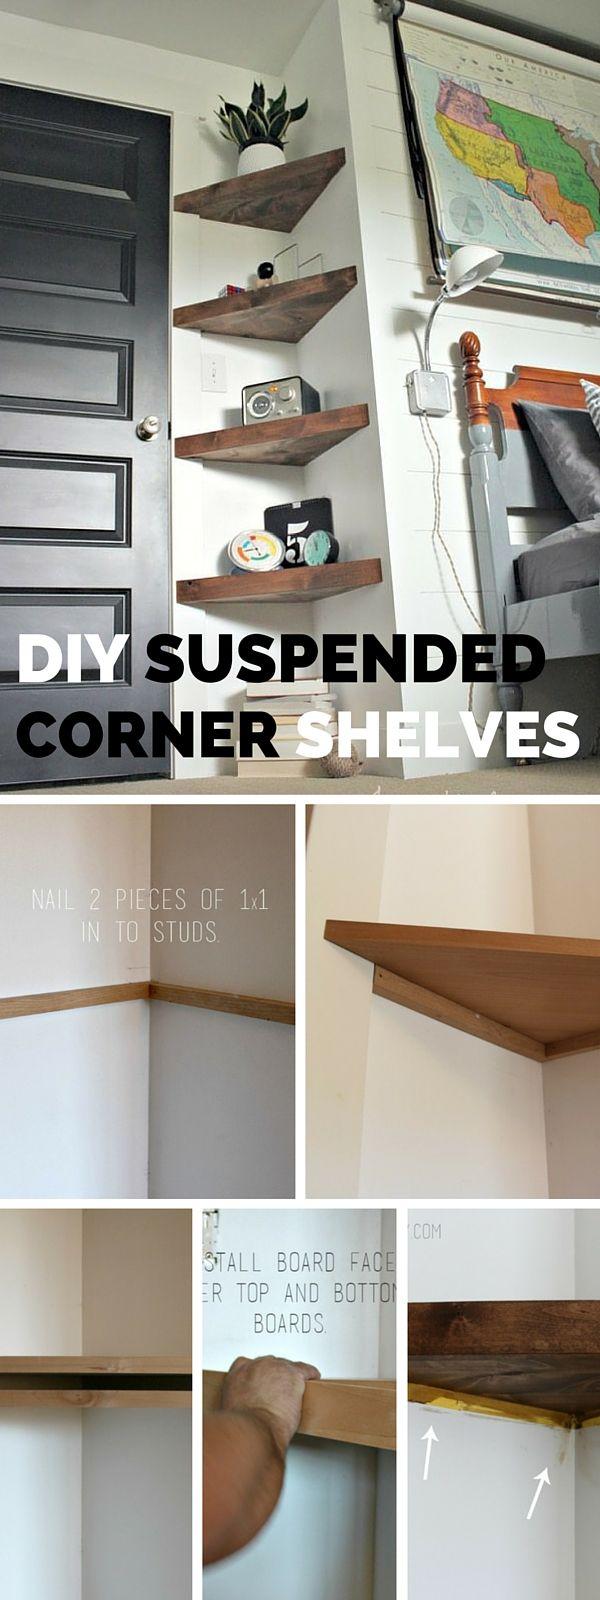 best images about bedroom set up on pinterest corner shelves